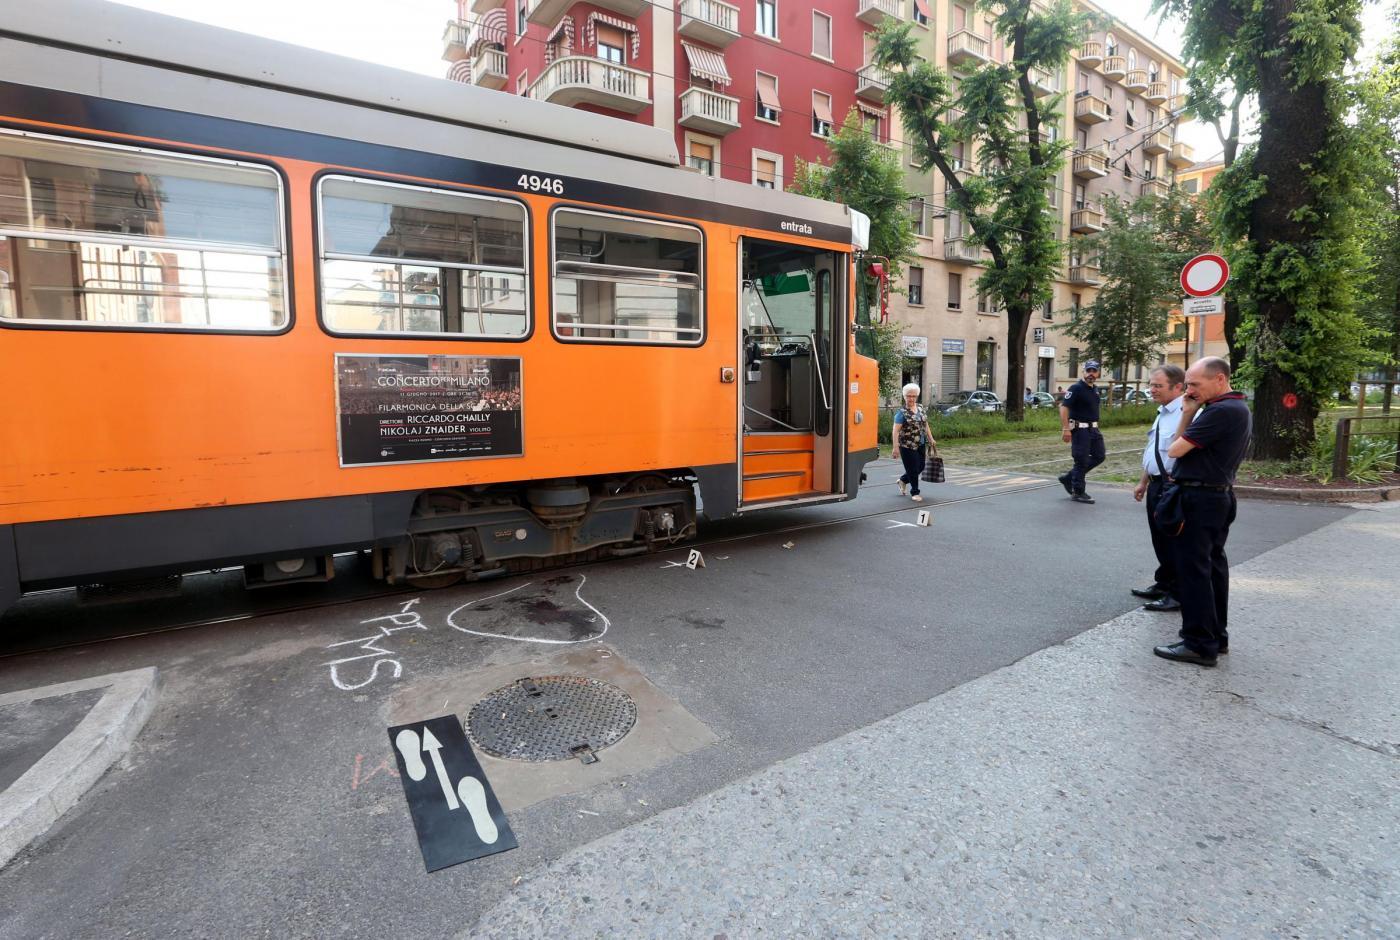 Bambina di 12 anni investita da un tram in Via Mac Mahon a Milano